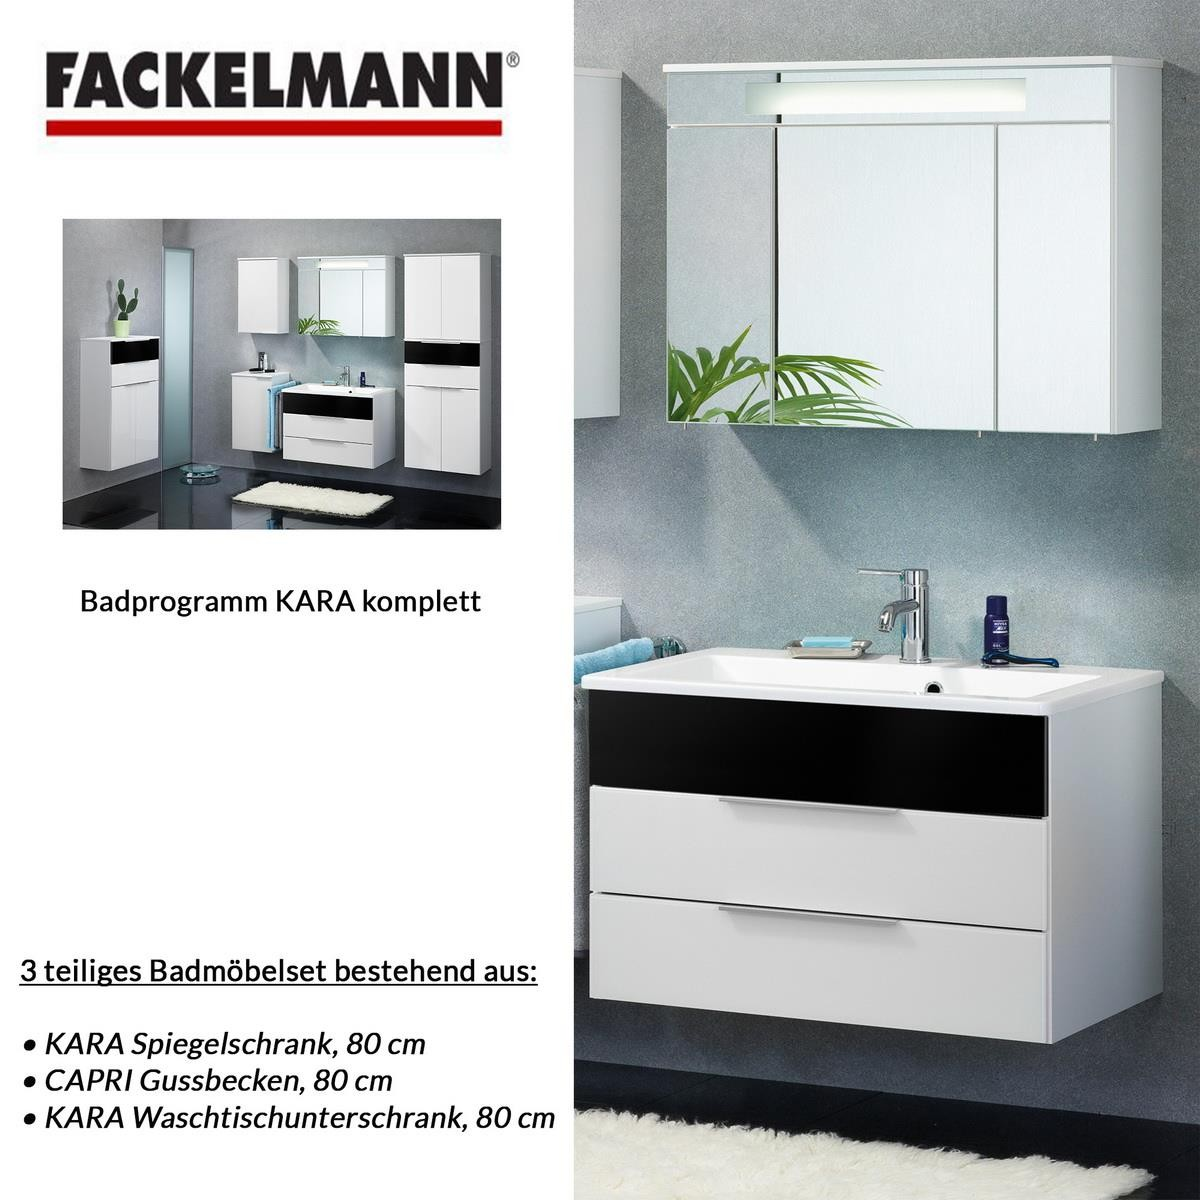 Fein Badmöbel Ausstellungsstücke Zeitgenössisch - Die ...